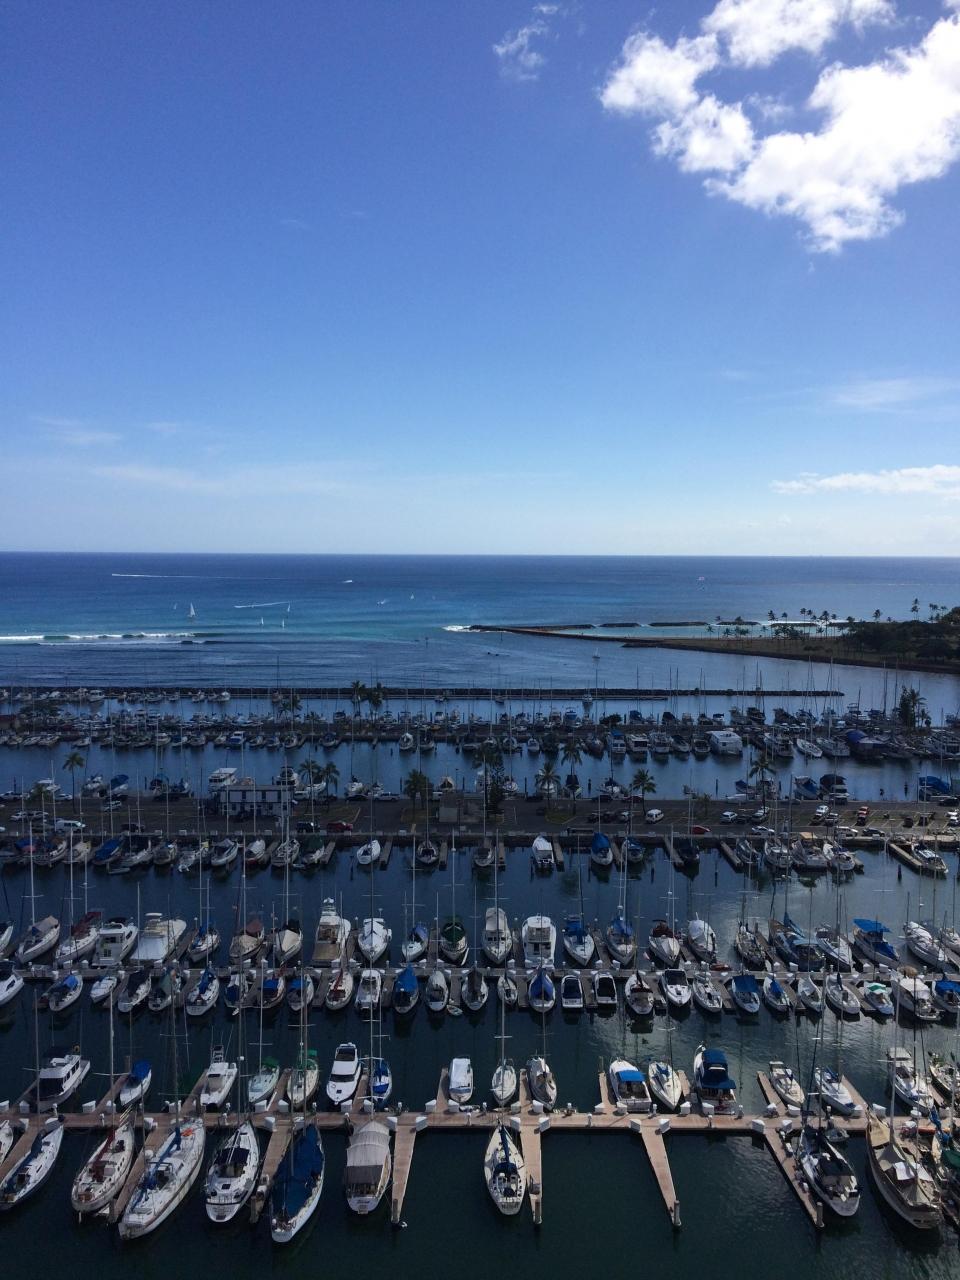 edc0548e243b 子連れ ハワイ 旅行記 JAL 特典航空券 ビジネスクラス の旅 ~② ...